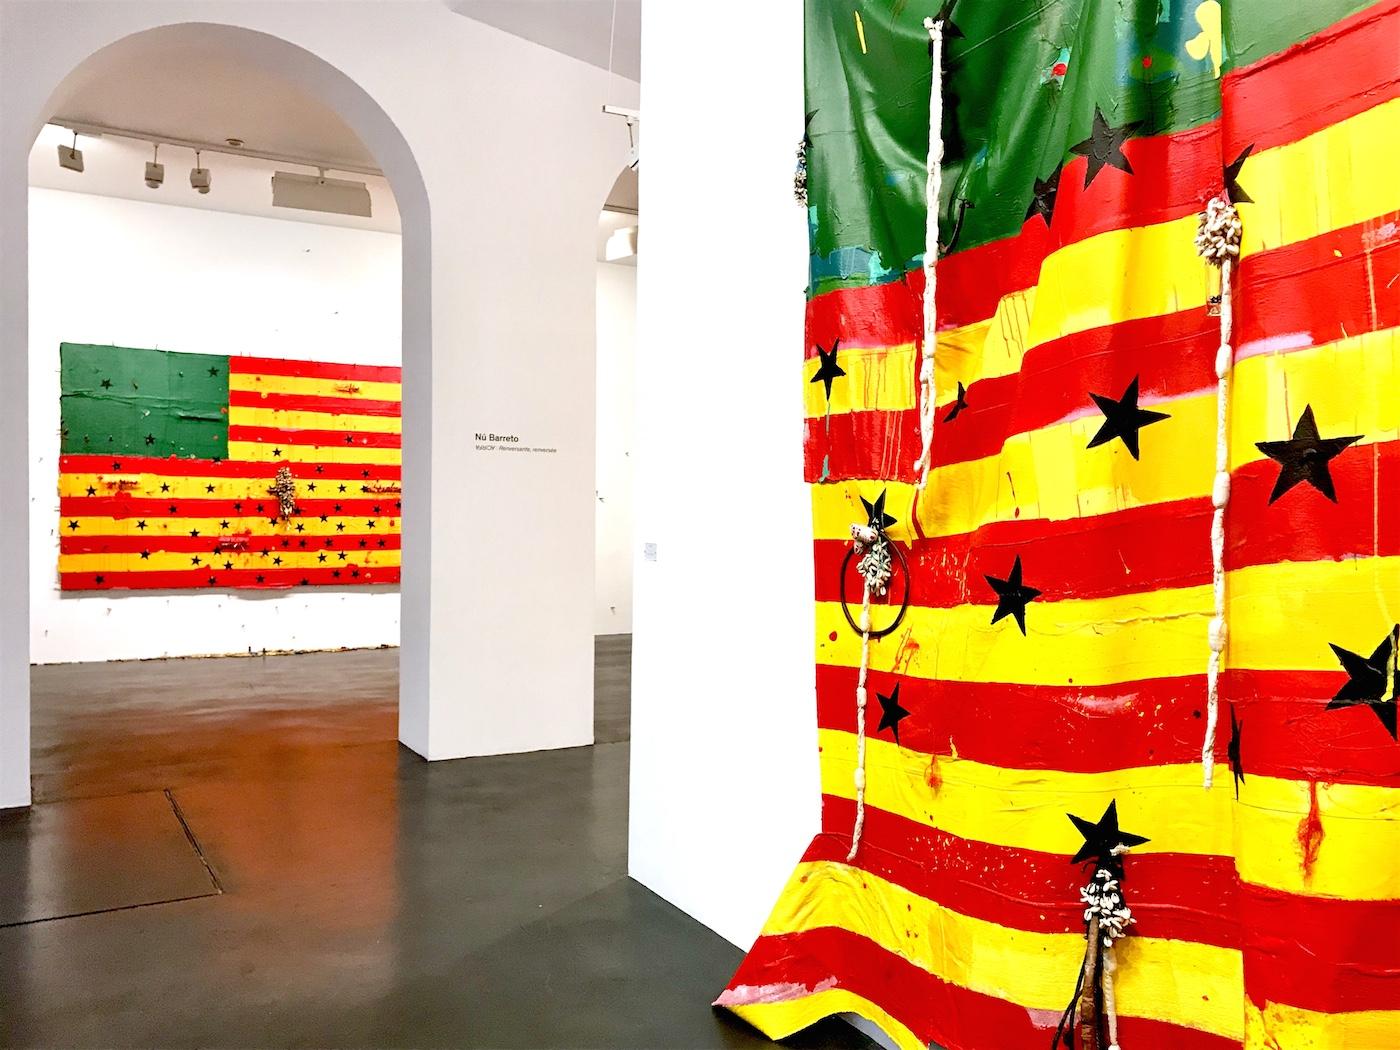 Nú Barreto, Africa-renversante, renversee at Galerie Nathalie Obadia, Paris